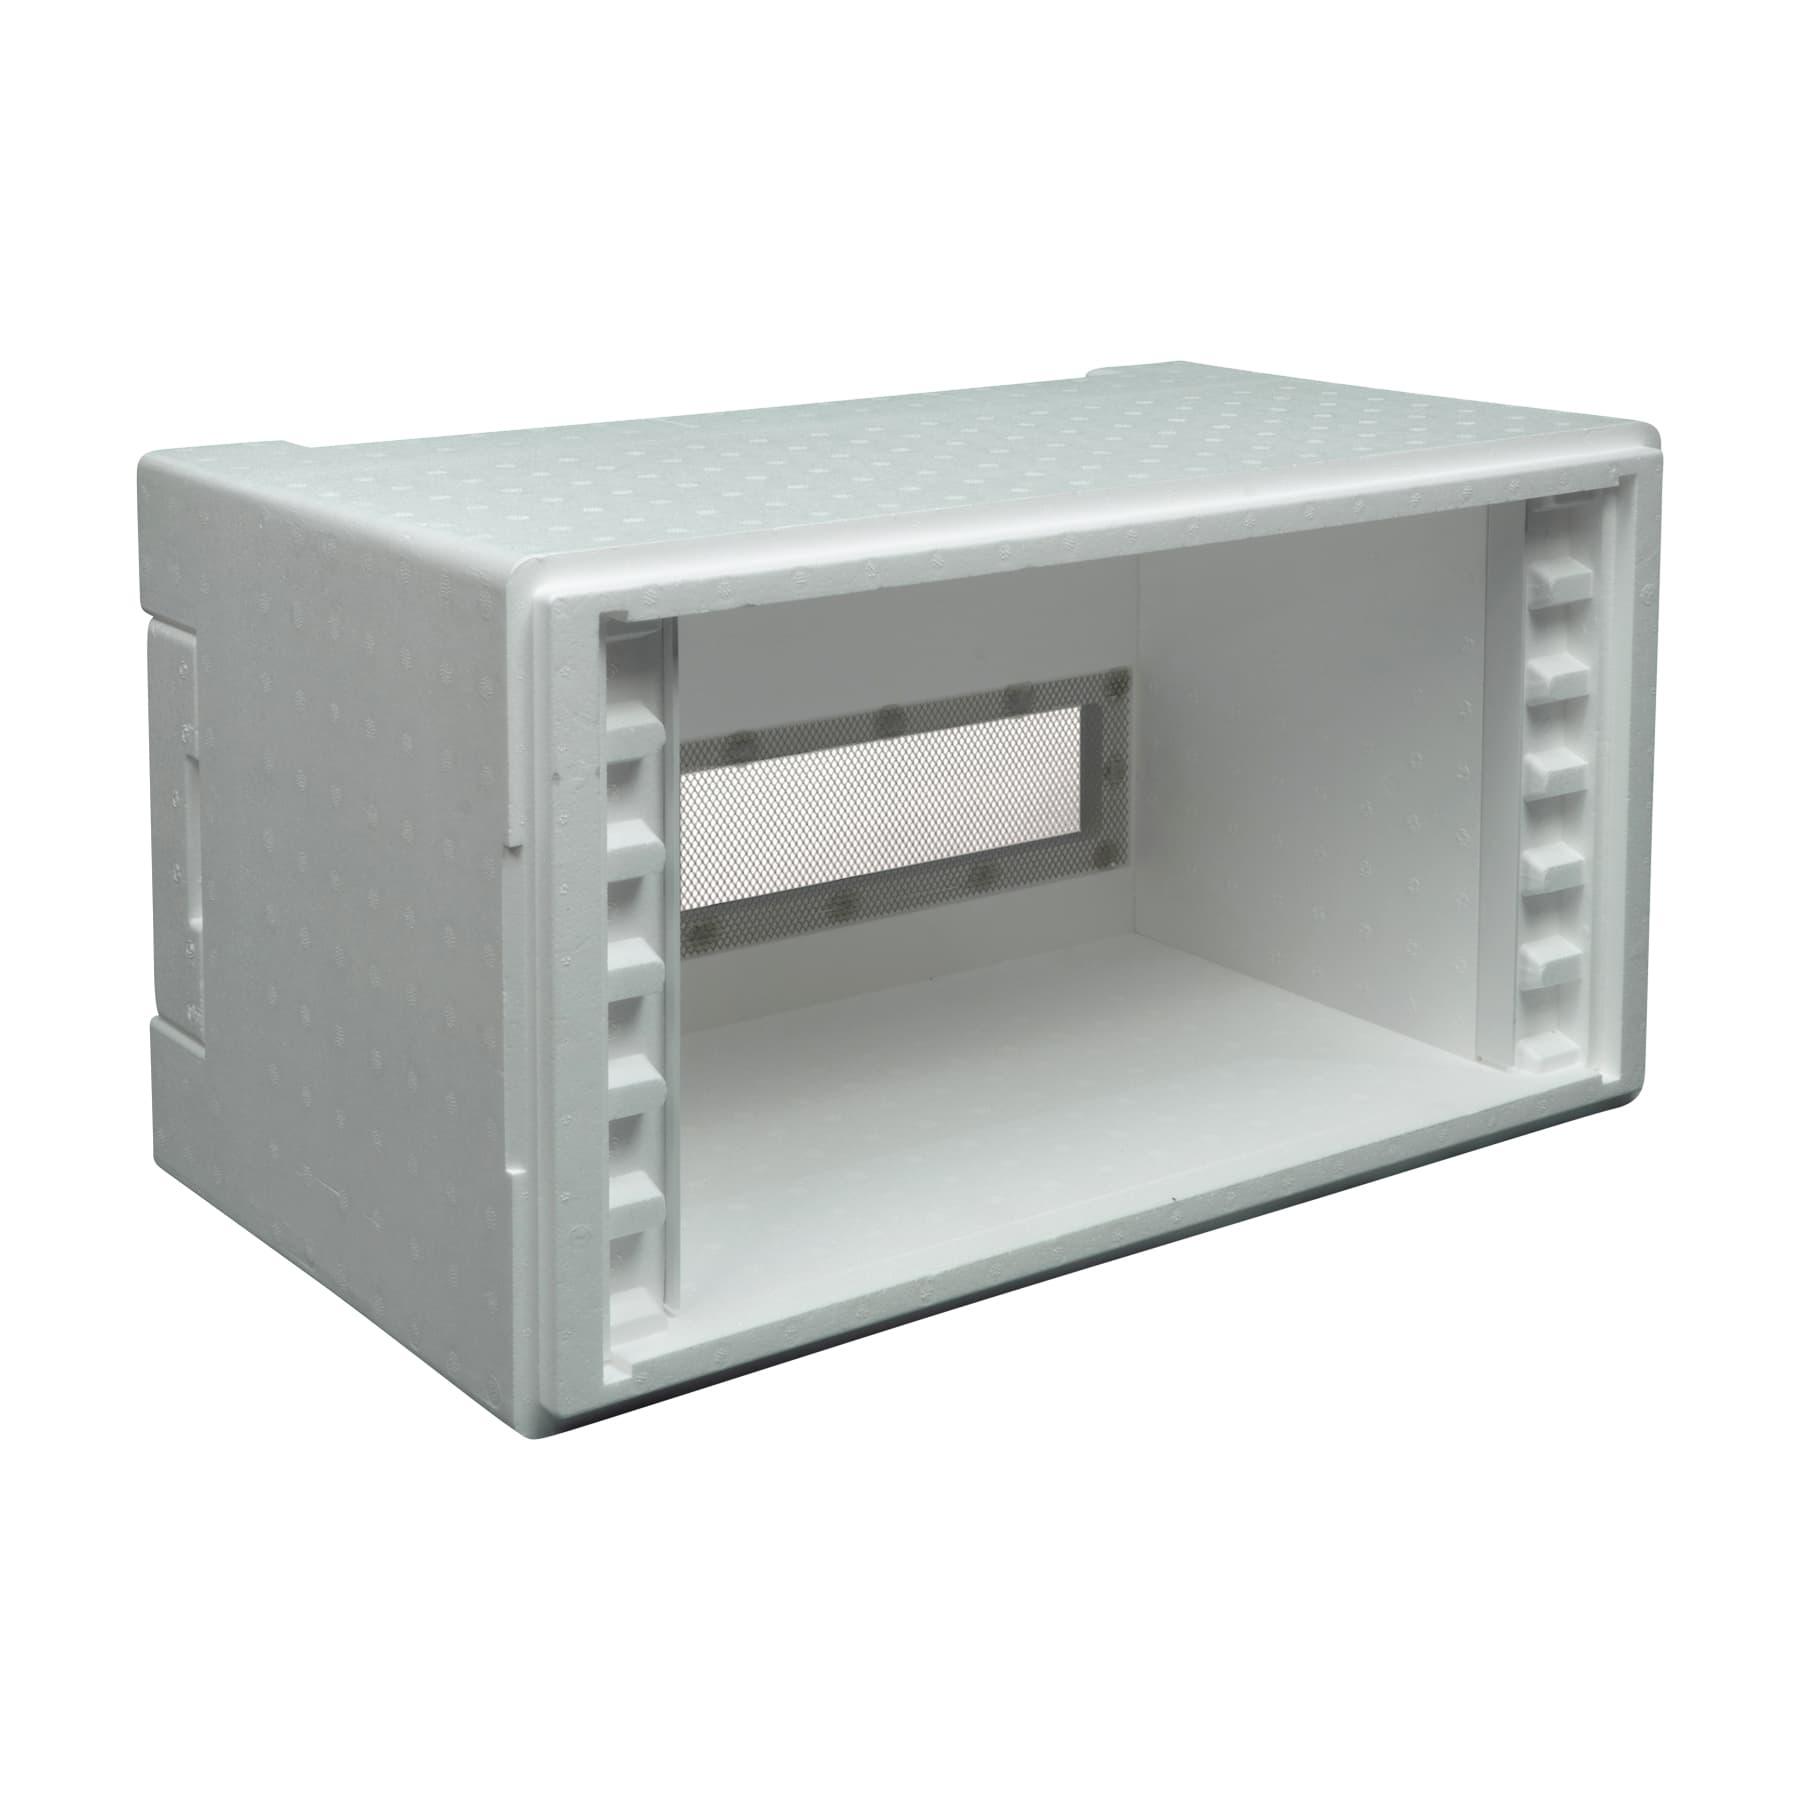 Stehr Ablegerkasten Simplex 6 Waben aus Styropor, einschiebbares Flugbrett, Auflageleisten aus Kunststoff und Deckel